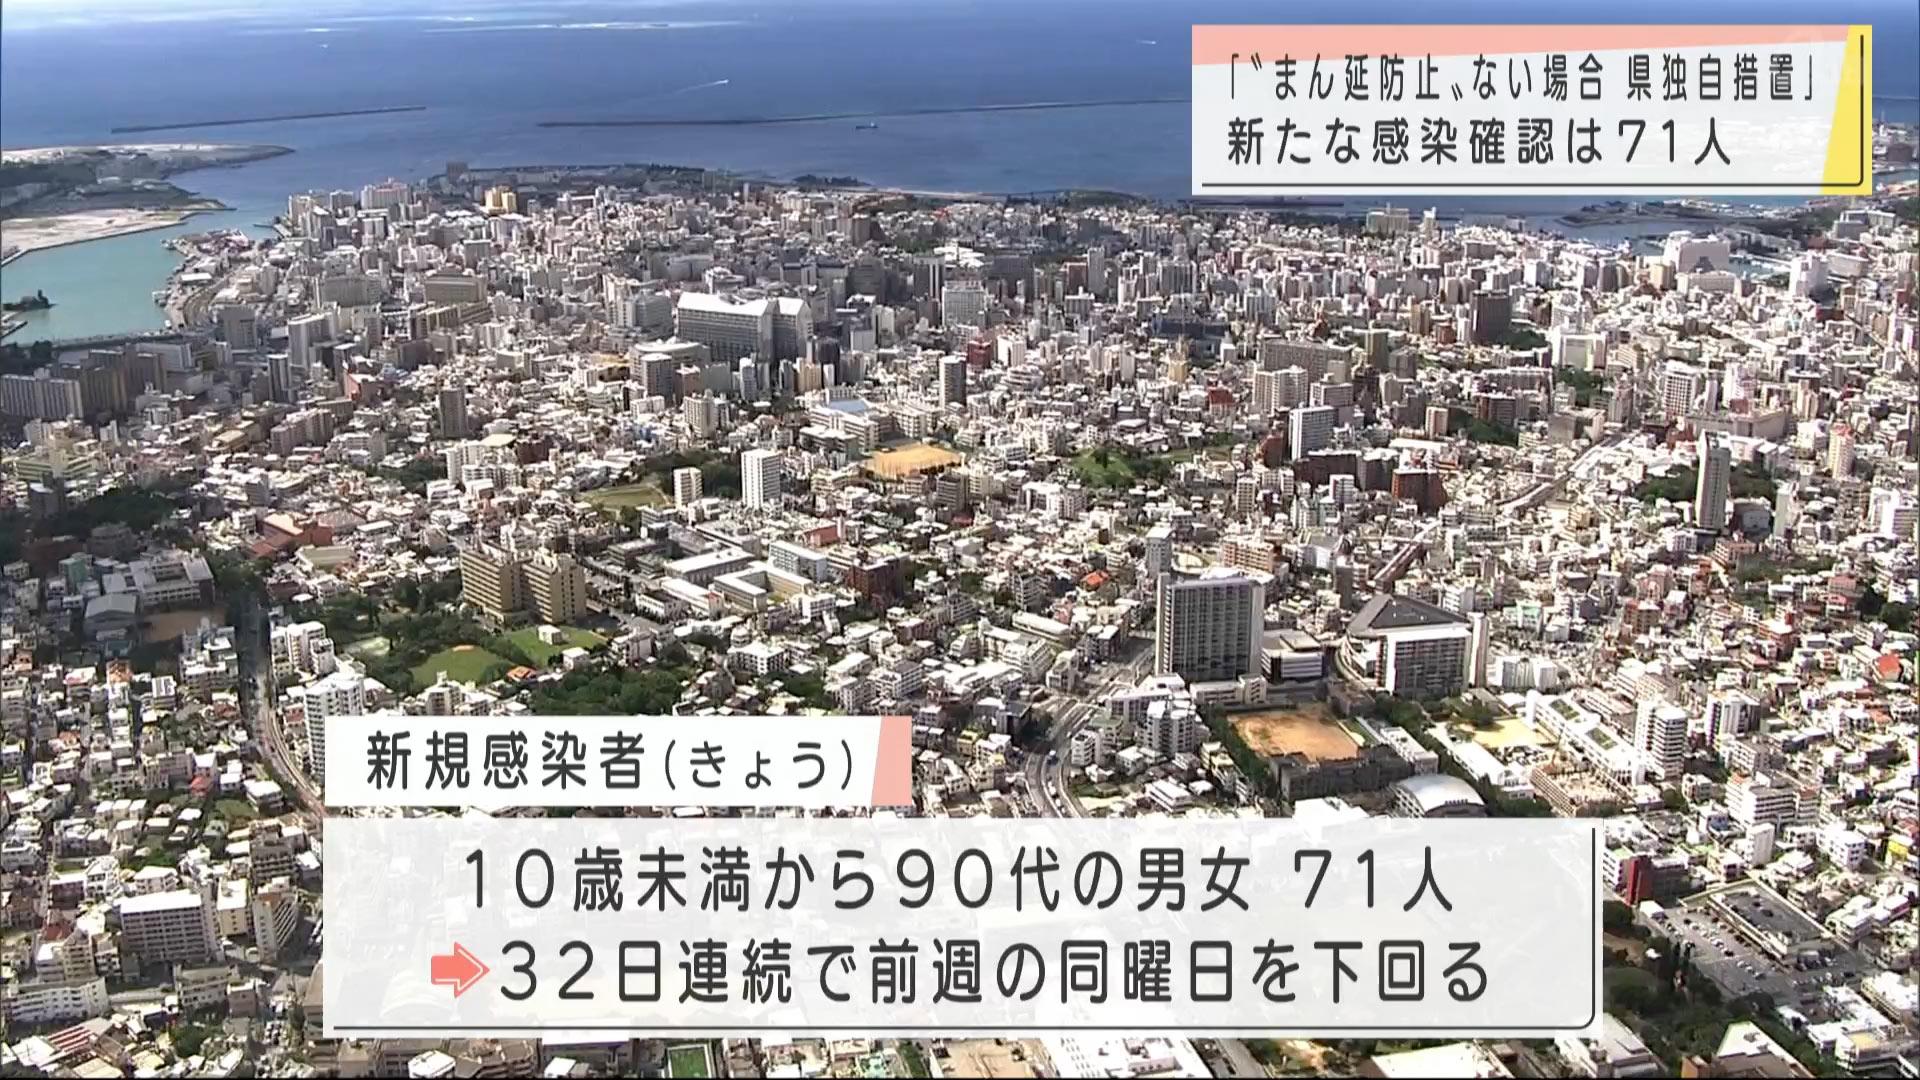 「まん延防止」移行しなくても県独自措置 新規感染者は71人